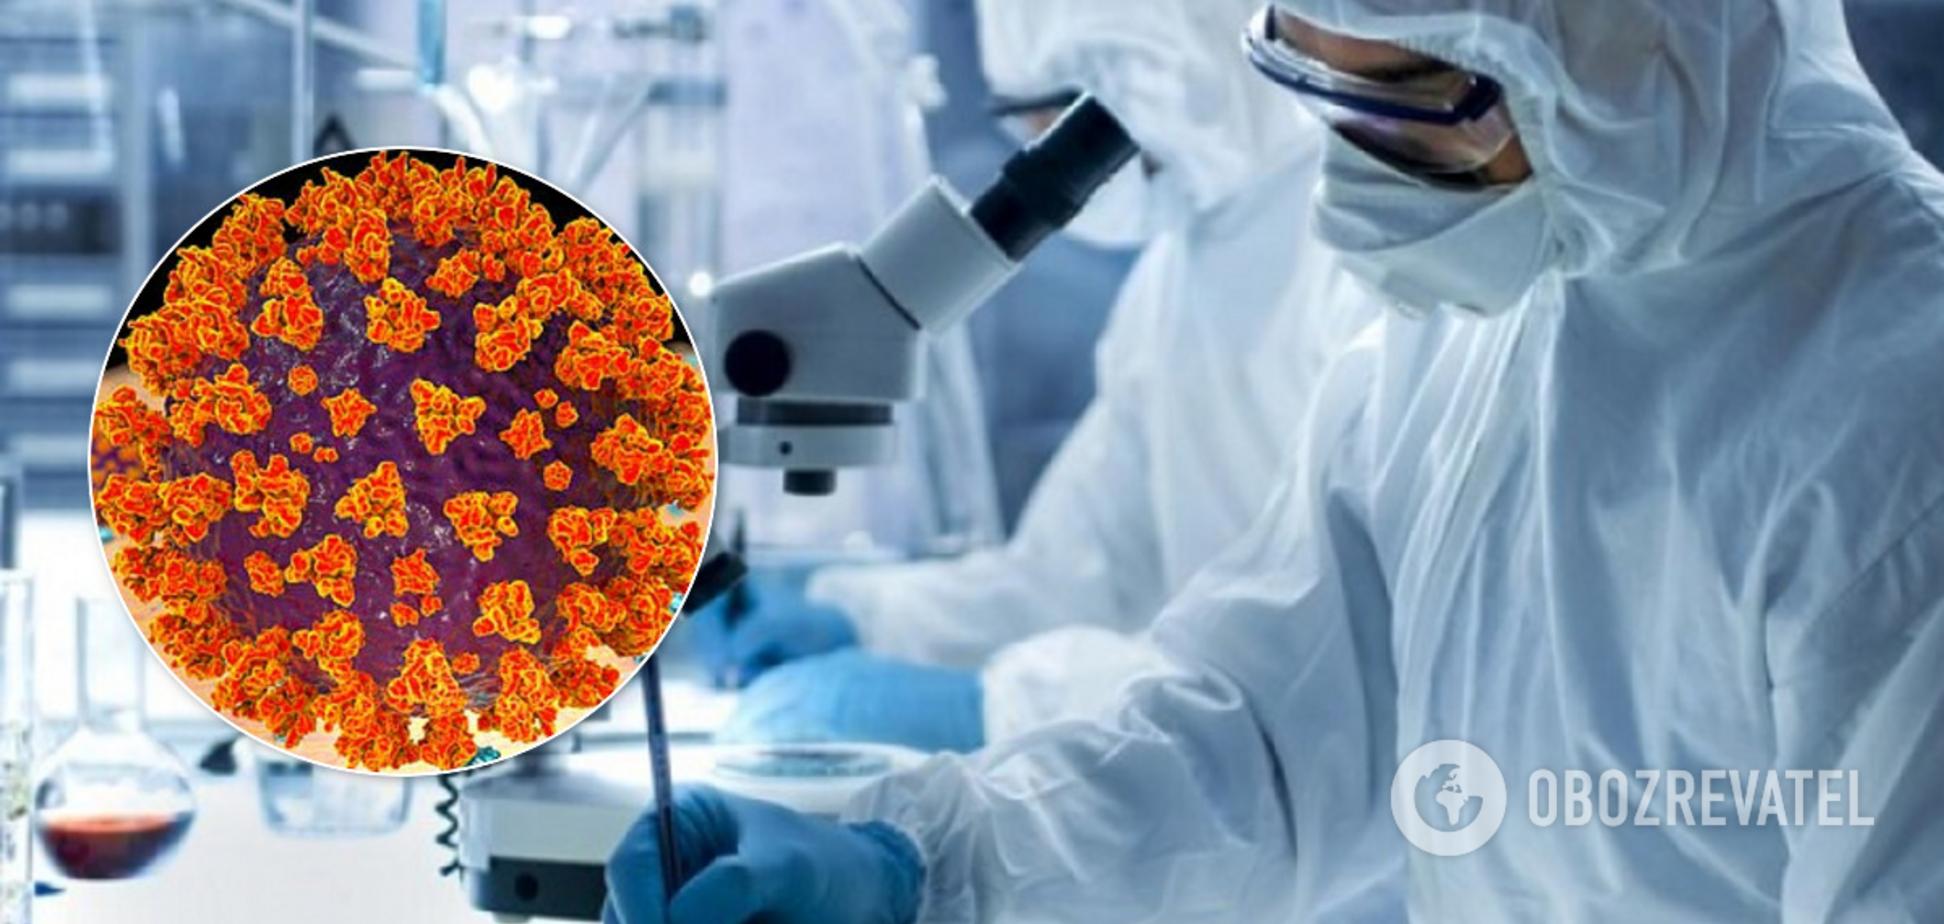 Коронавирус намного опаснее для мужчин: ученые докопались до причины